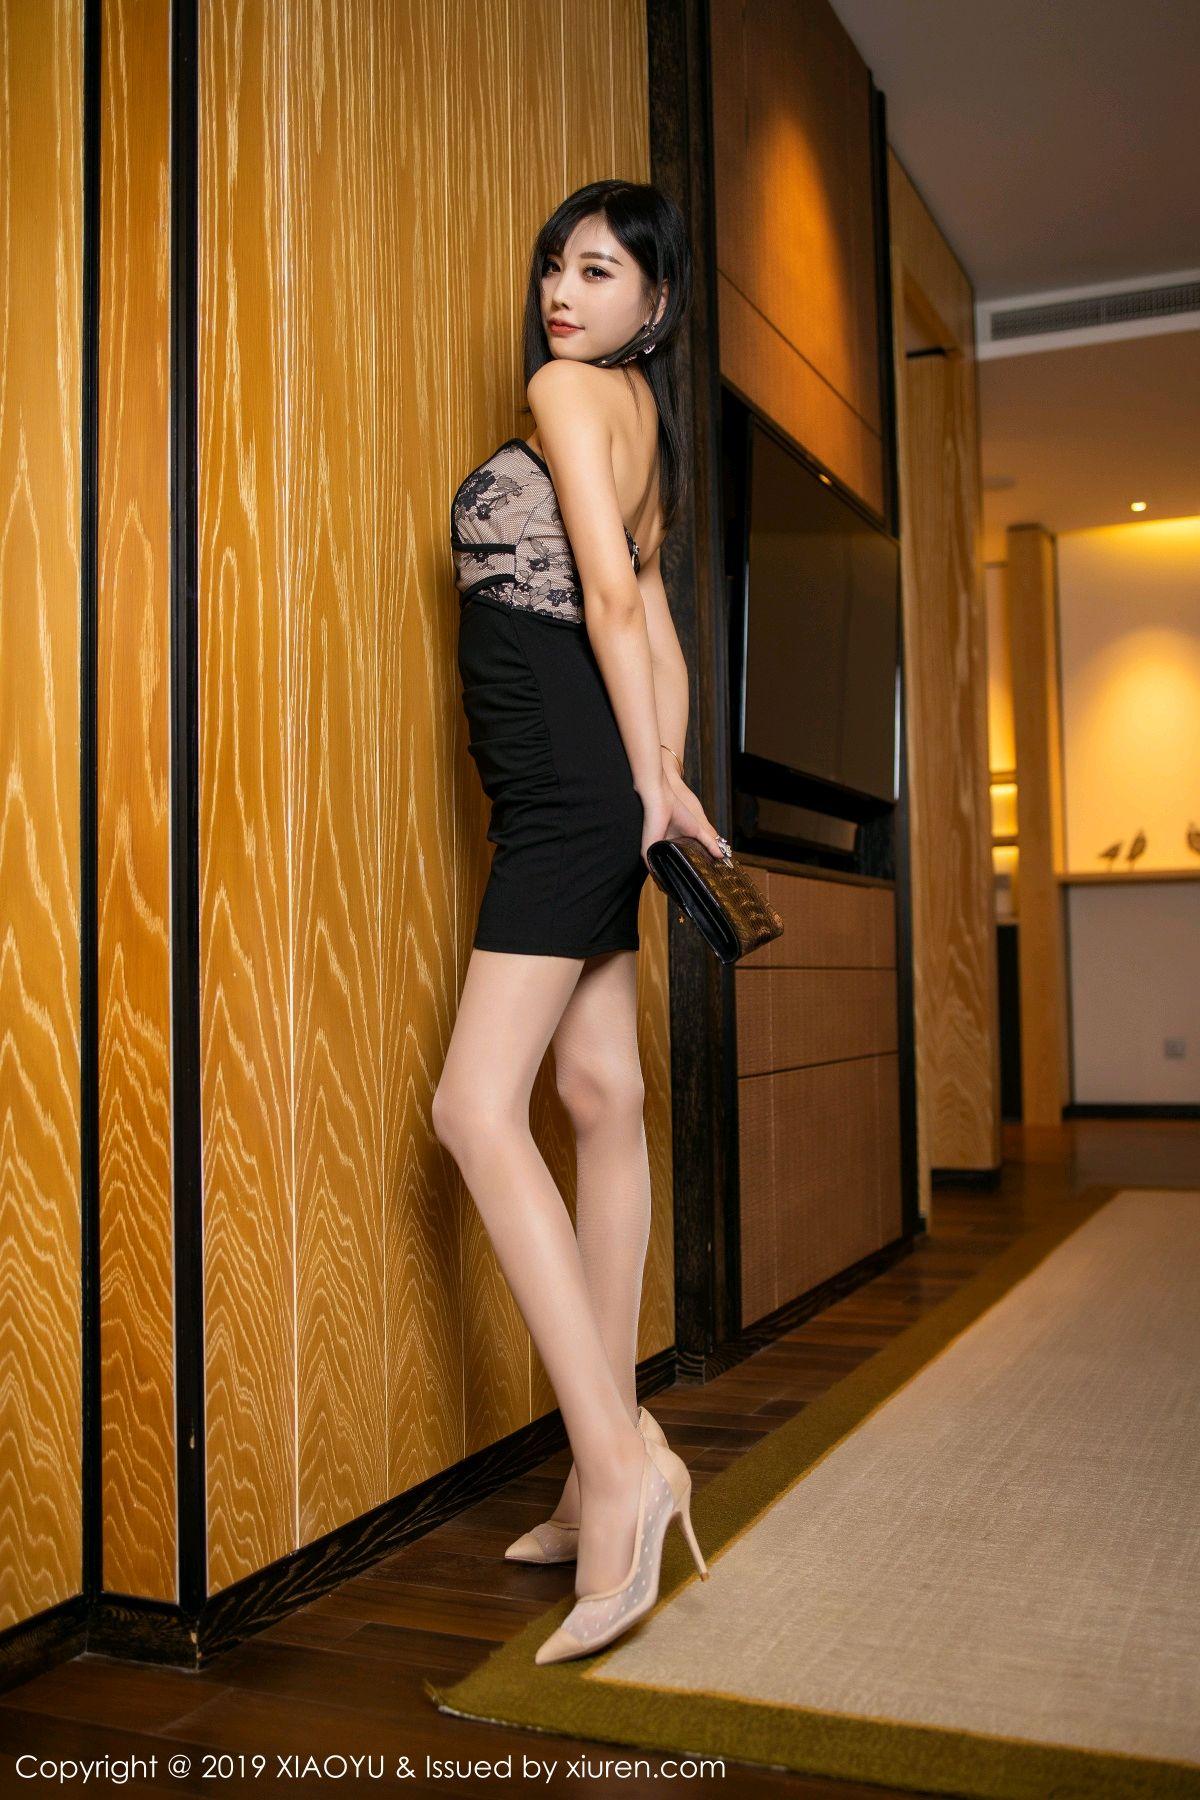 [XiaoYu] Vol.209 Yang Chen Chen 4P, Underwear, XiaoYu, Yang Chen Chen